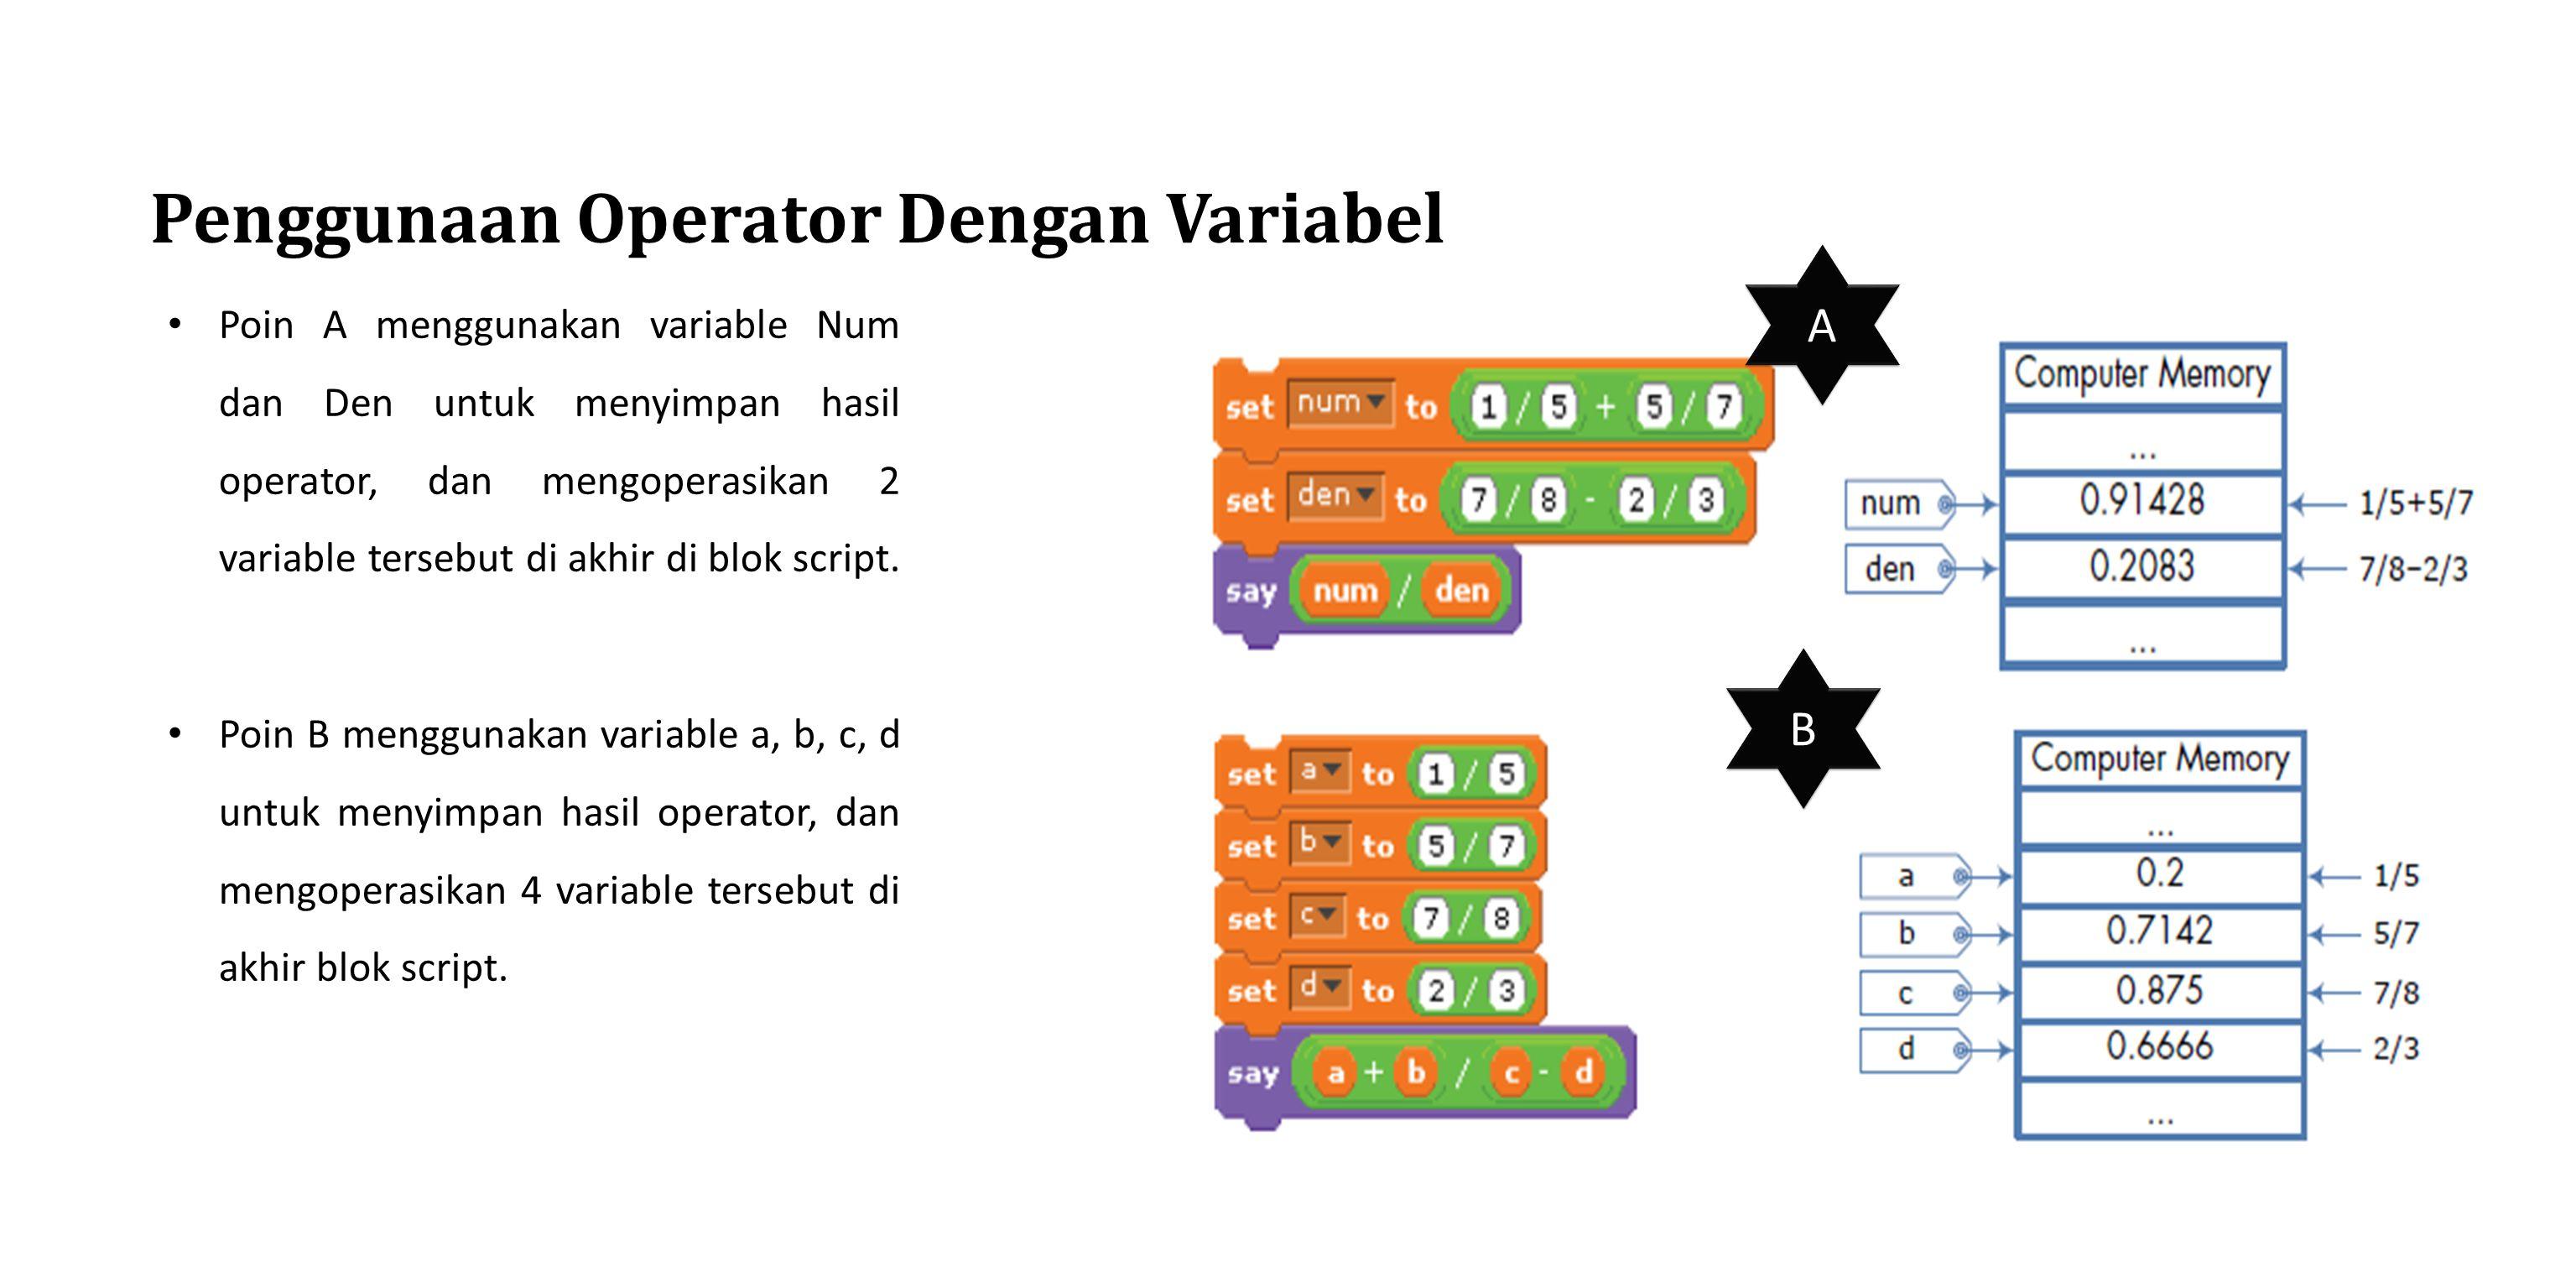 Penggunaan Operator Dengan Variabel